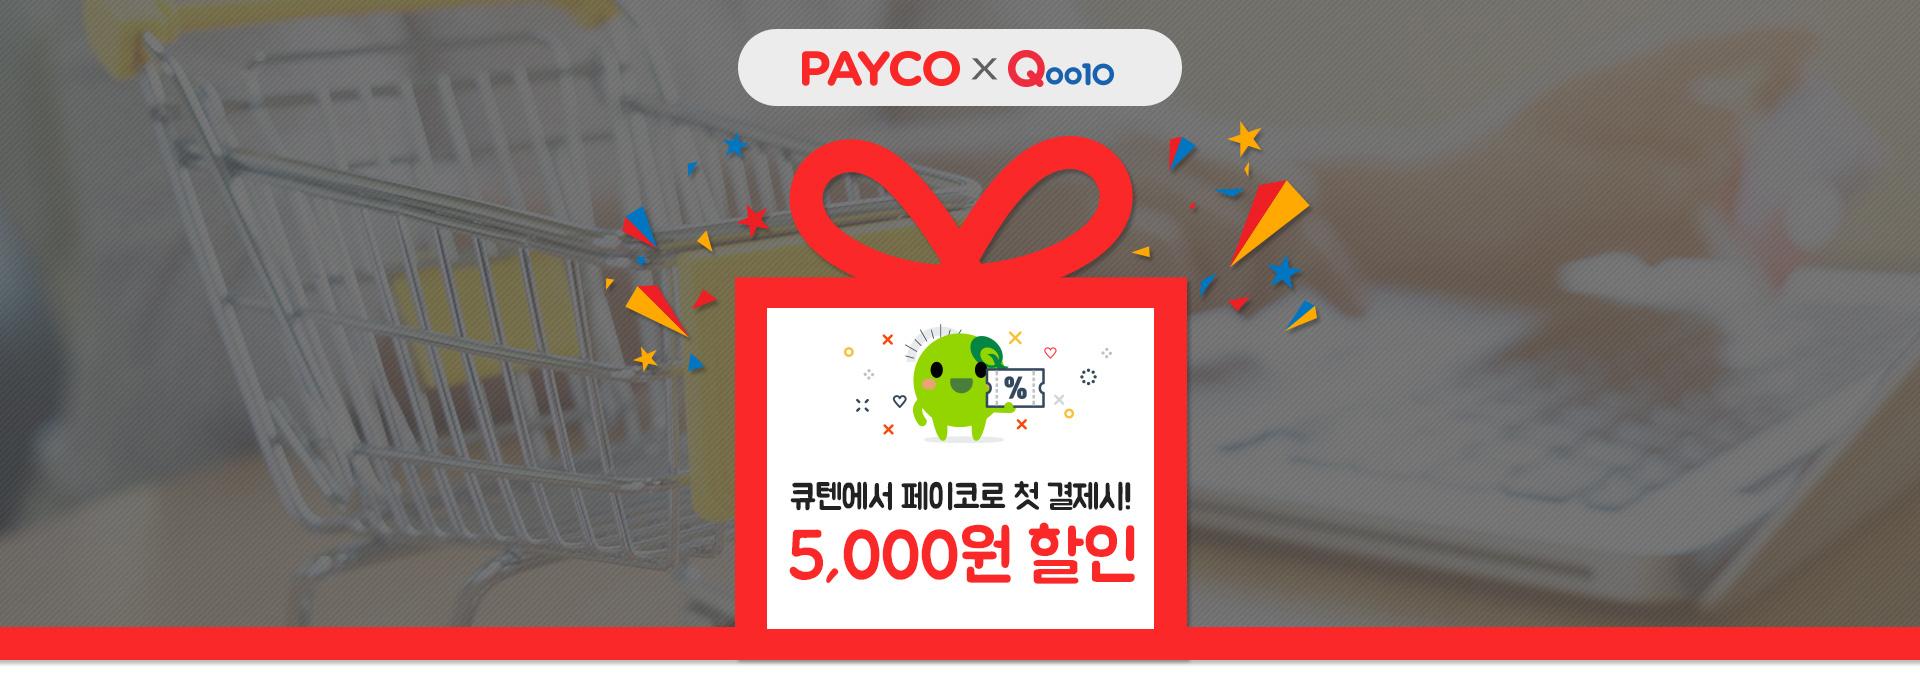 payco_01.jpg